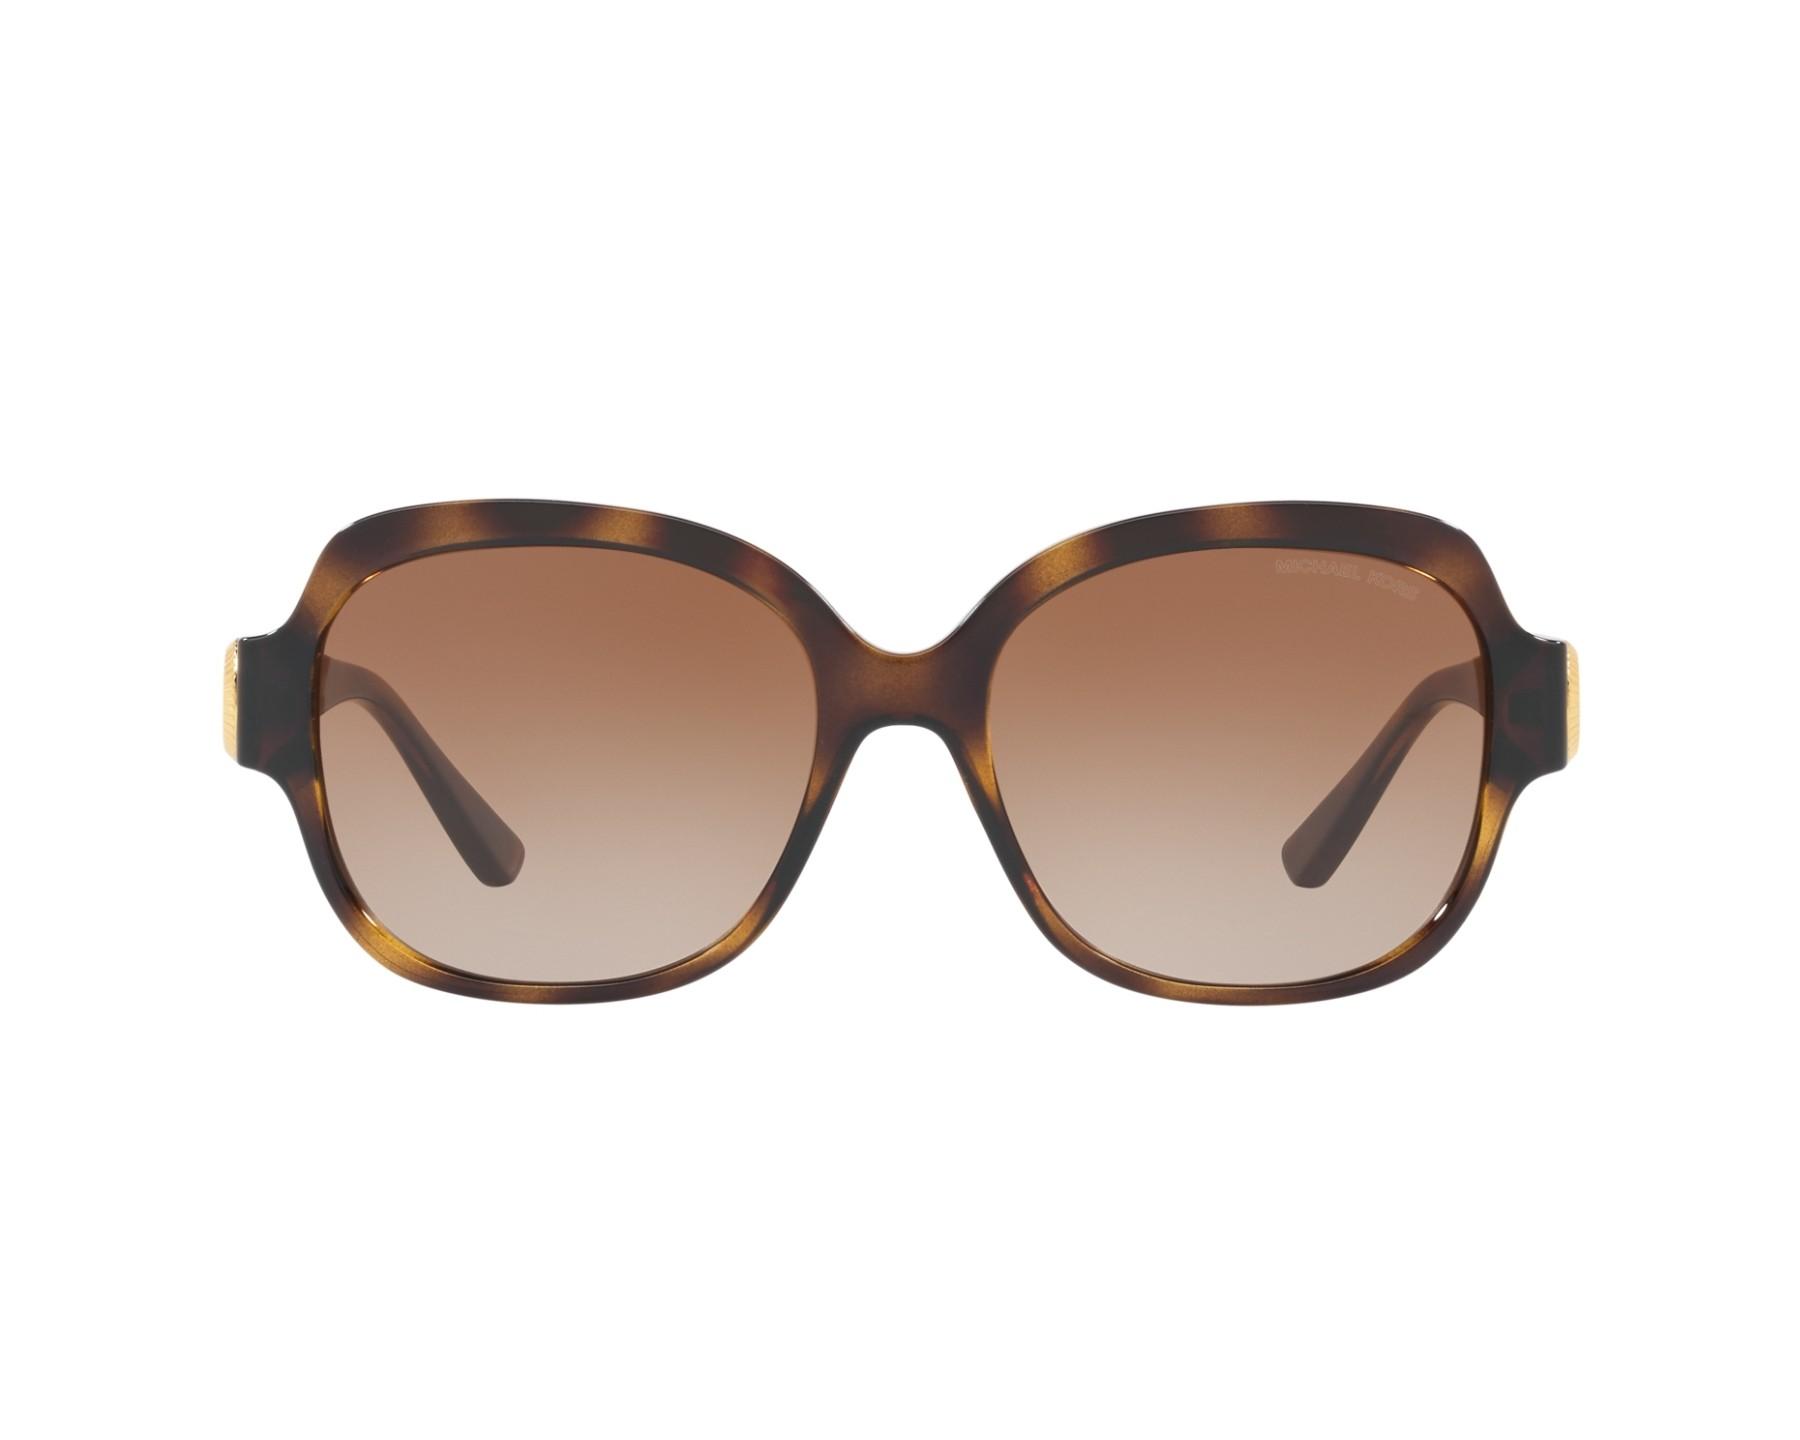 lunettes de soleil michael kors mk 2055 328513 havane visionet. Black Bedroom Furniture Sets. Home Design Ideas